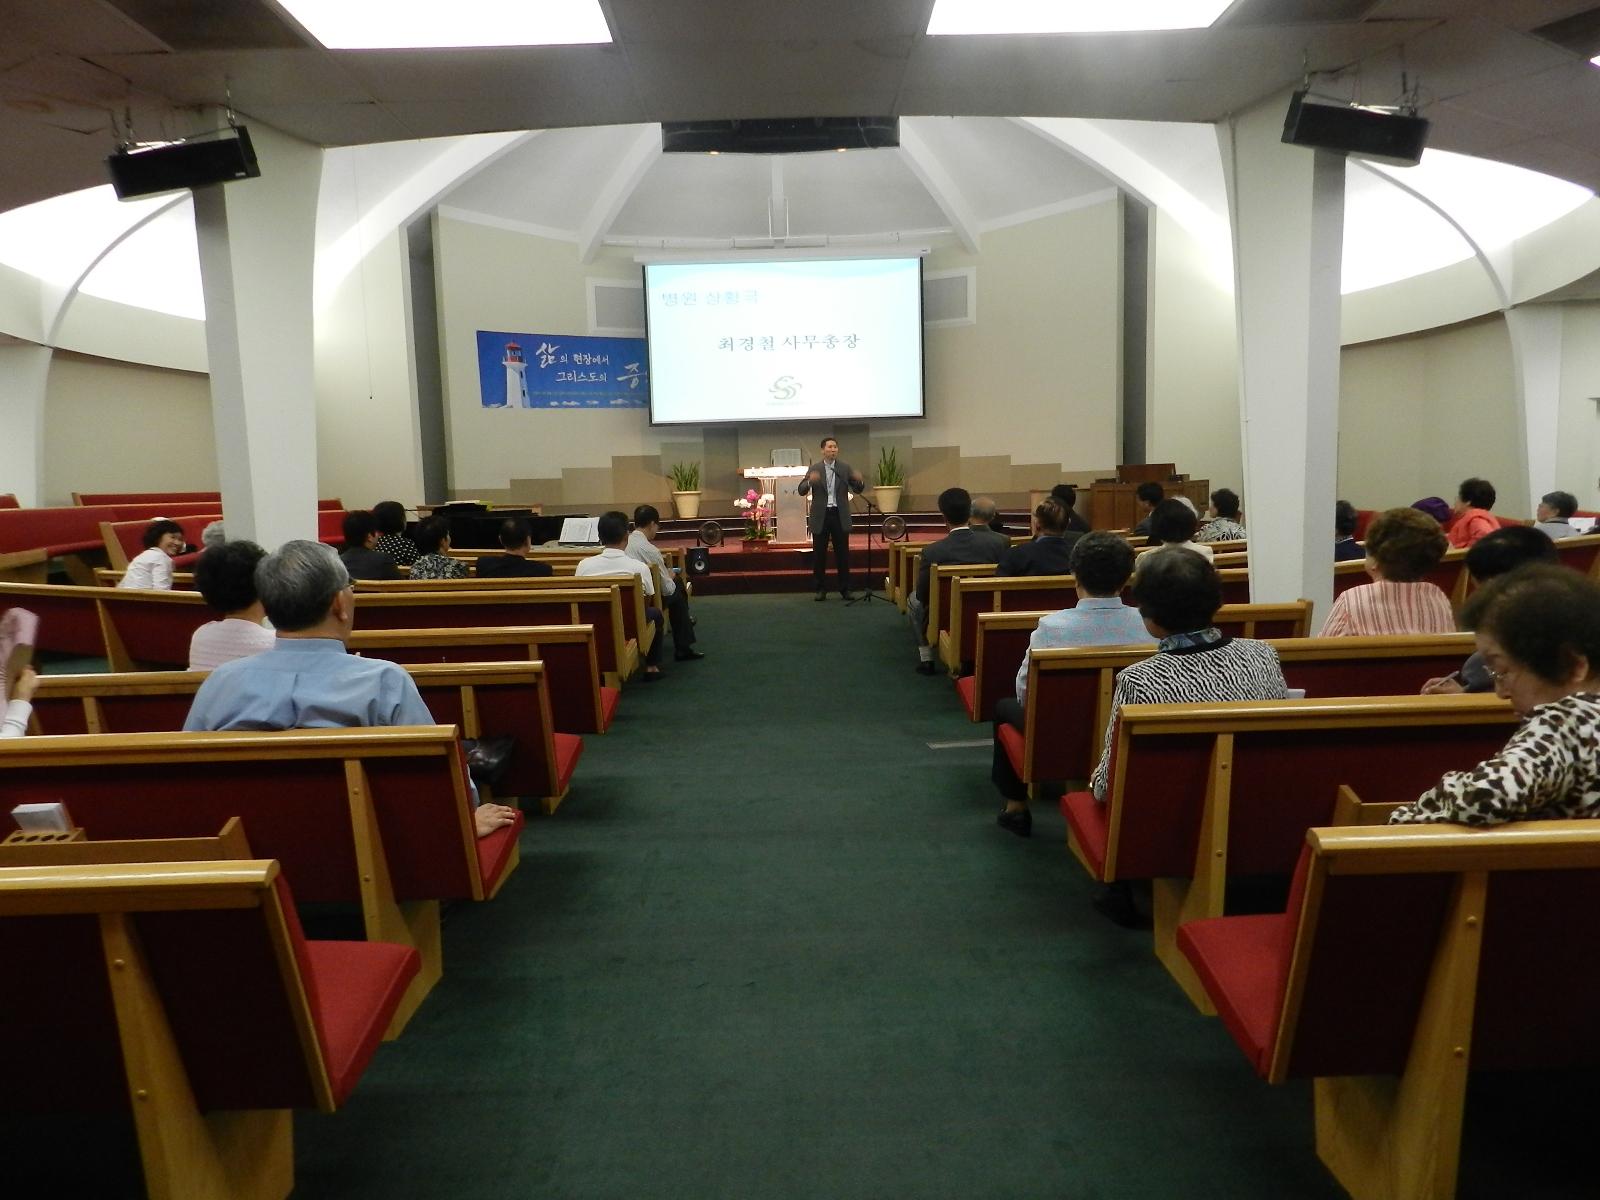 제 139차 소망교육세미나 – 애너하임 한인장로교회